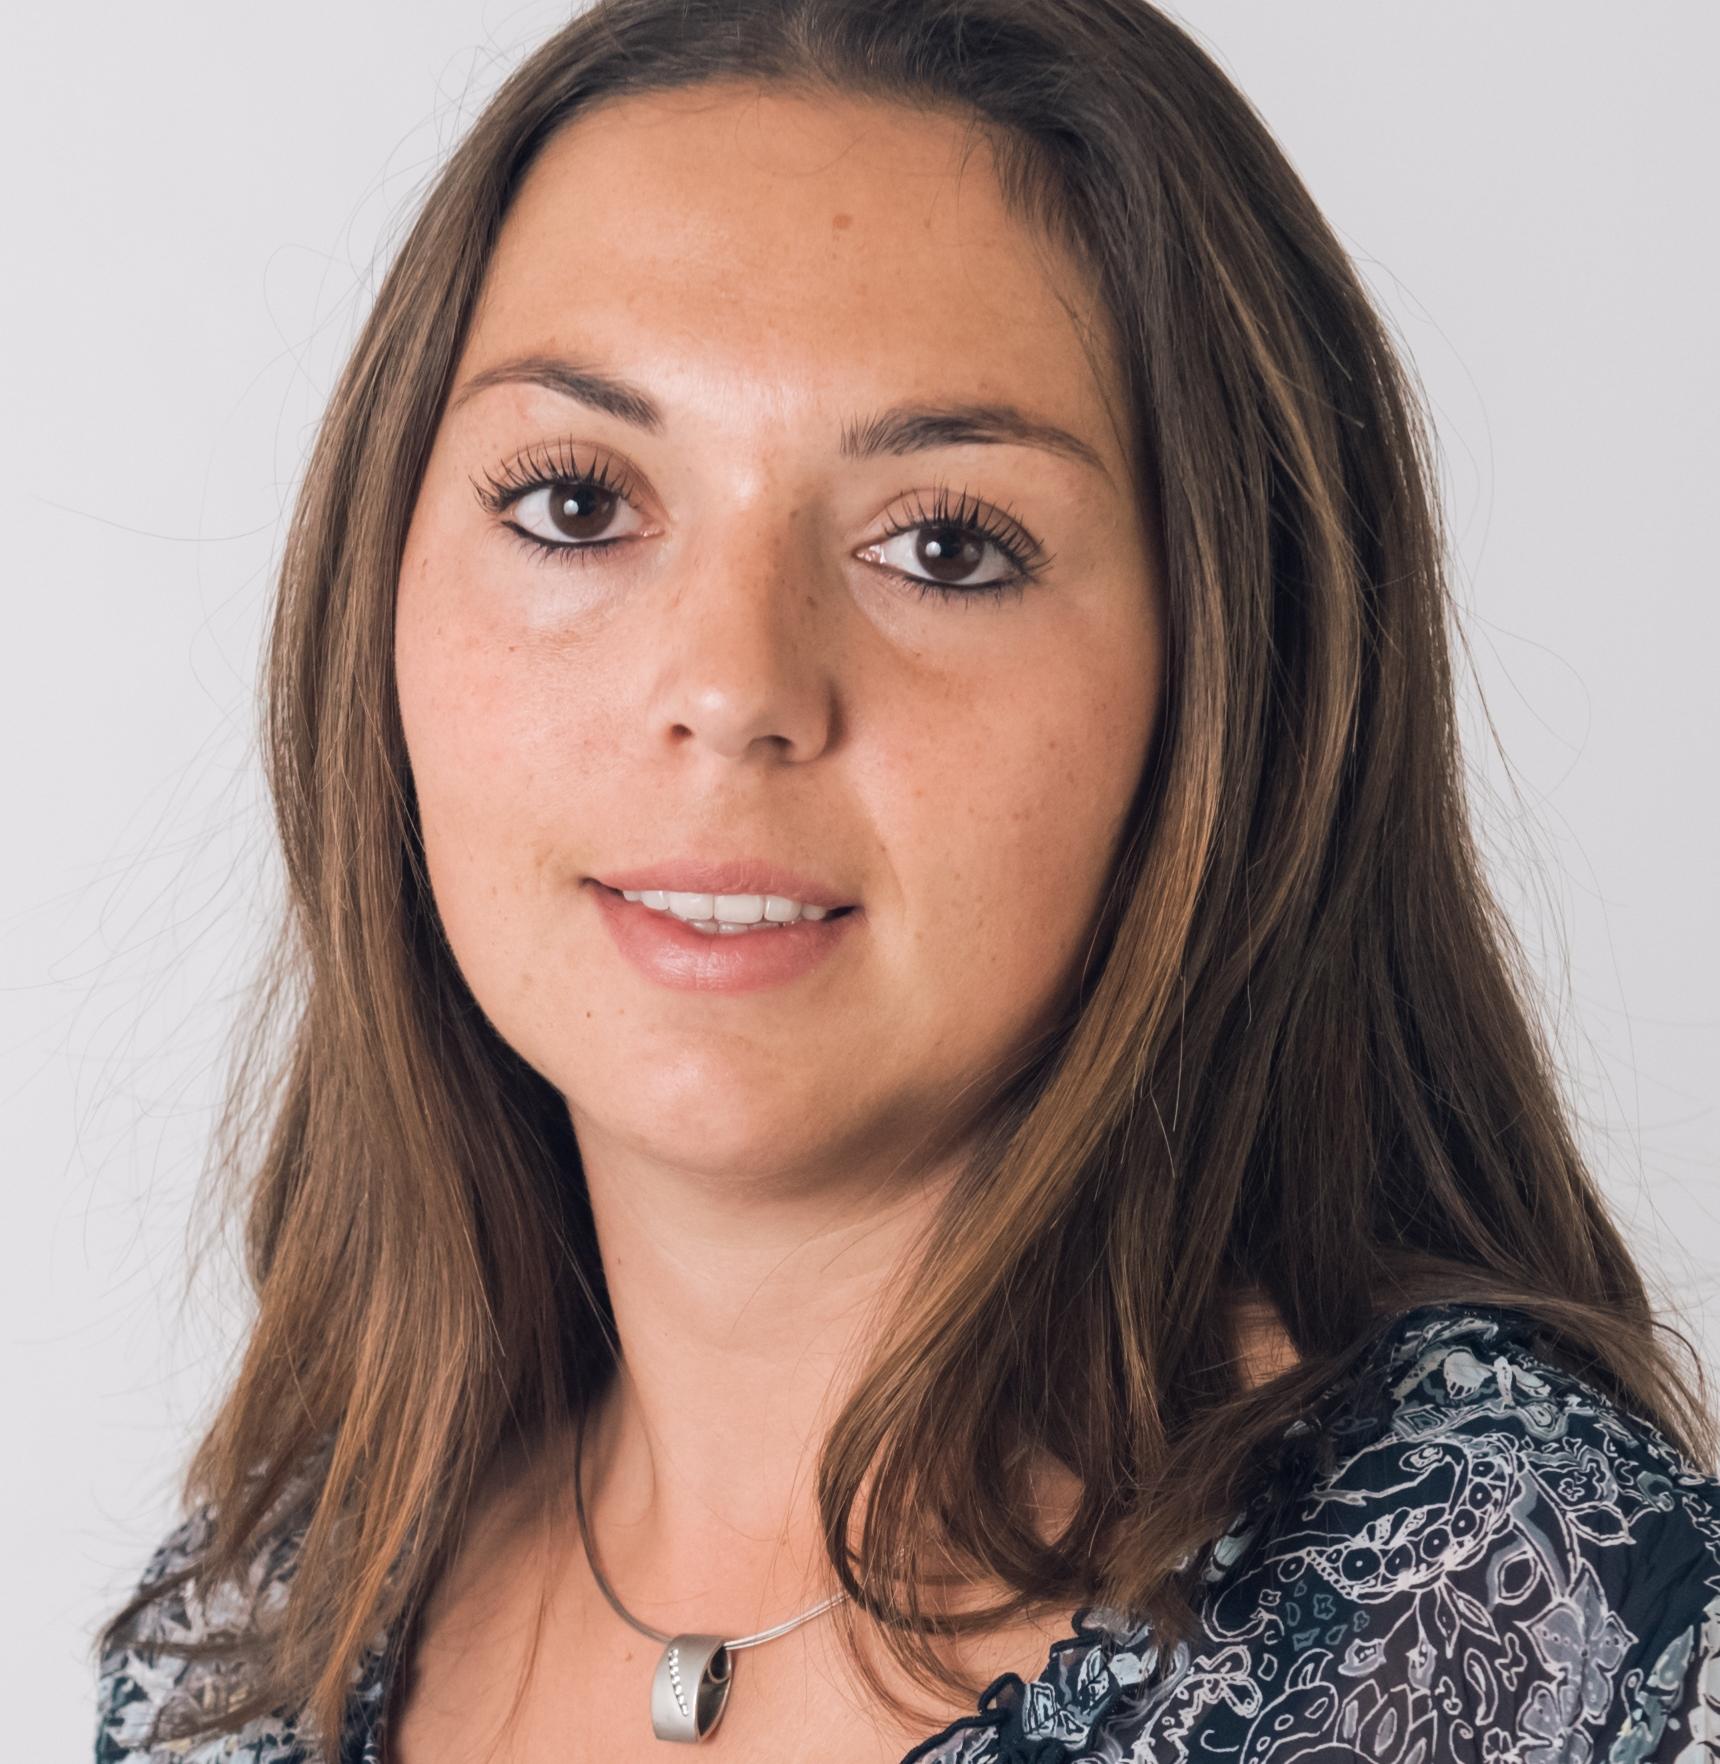 Julia Sanin